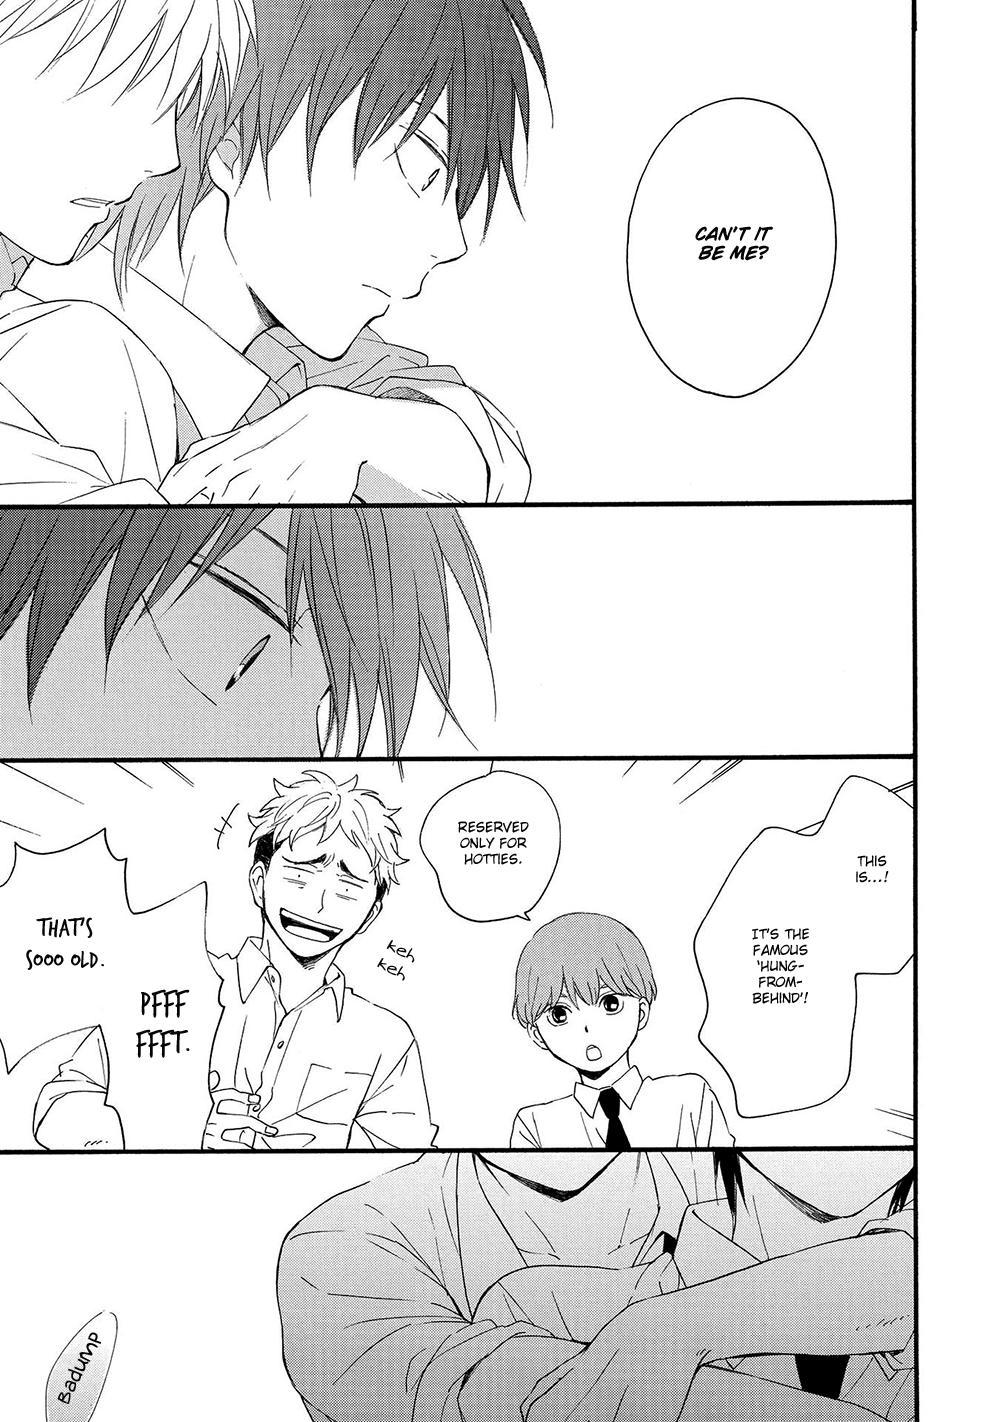 Gunjou no Subete - Chapter 4